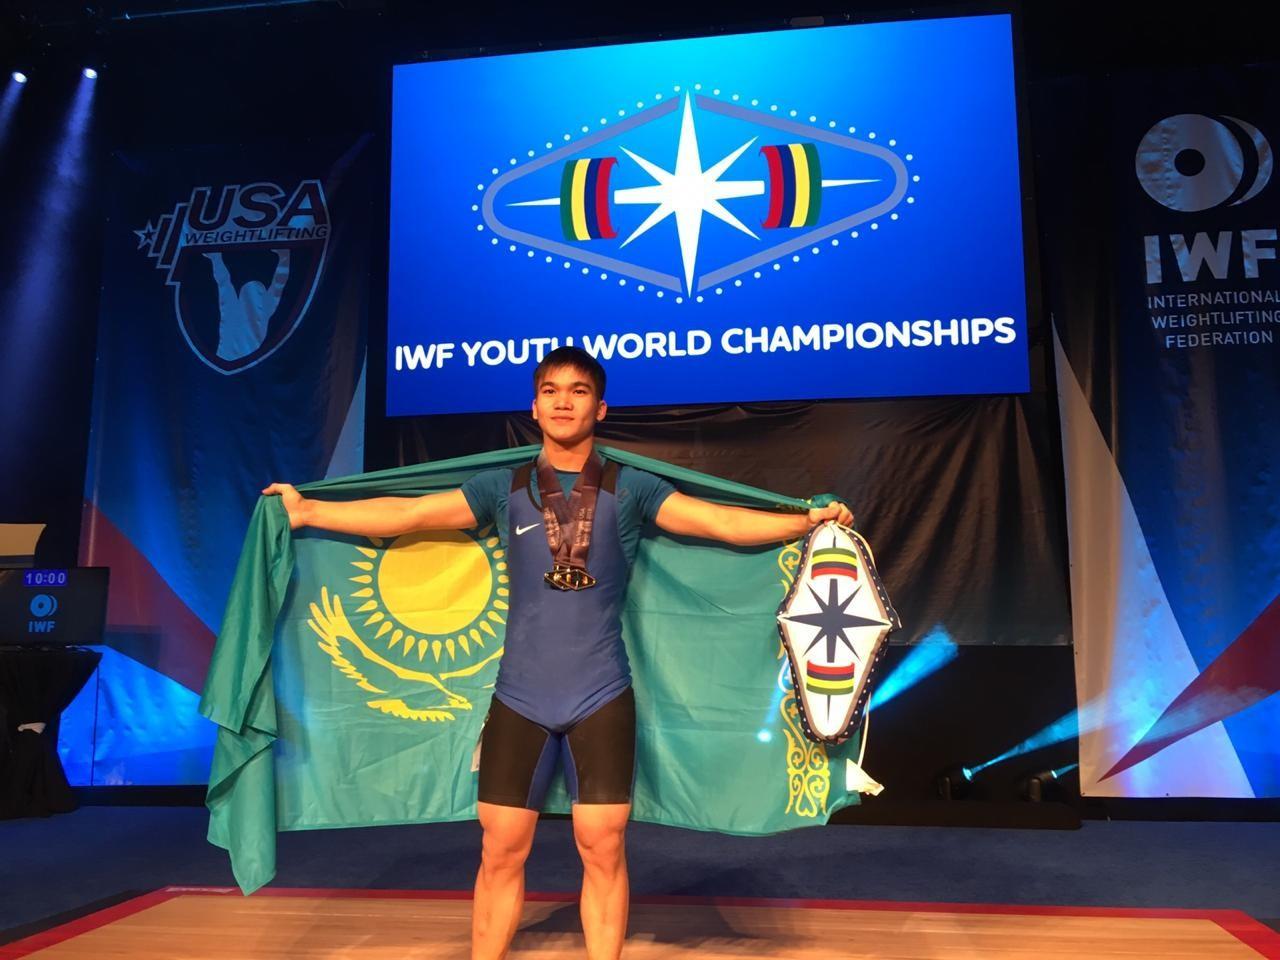 Зілтемірші Ақмолда Сайрамкез Азия чемпионатында үштікке енді